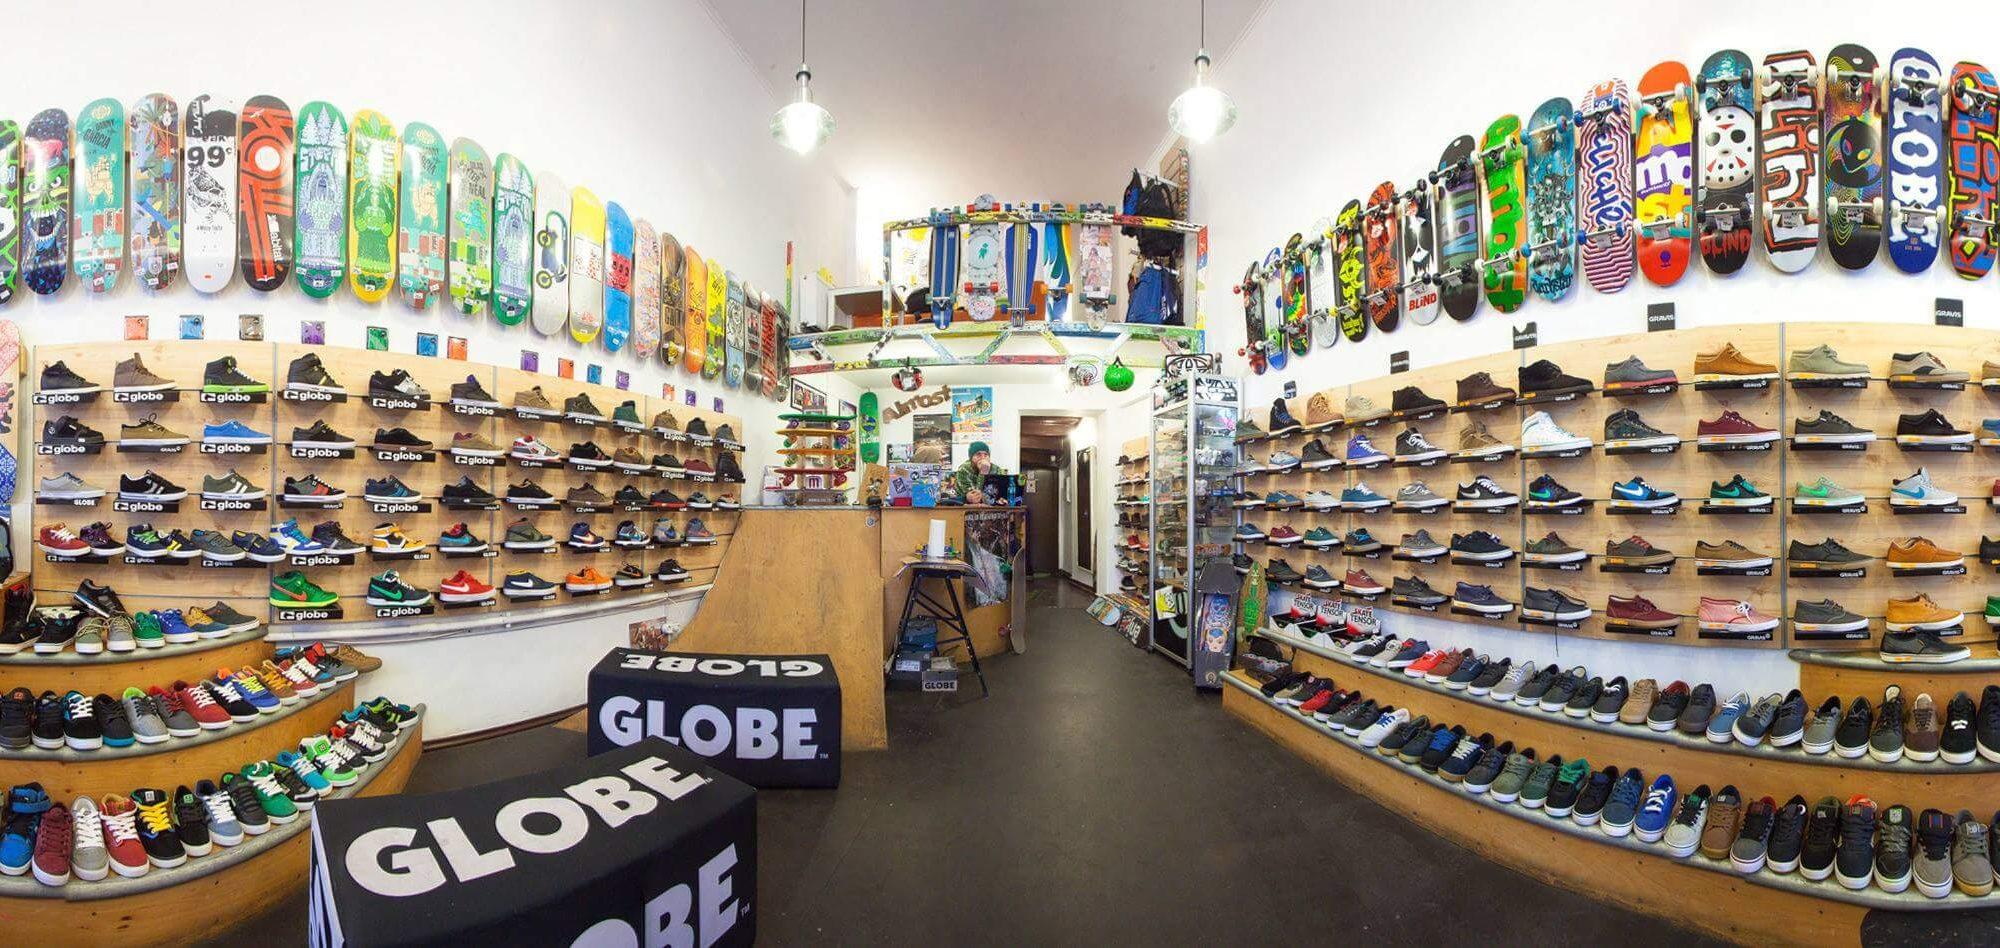 Cele mai bune skateboard-uri: Ce sa alegi in functie de bugetul si nevoile tale